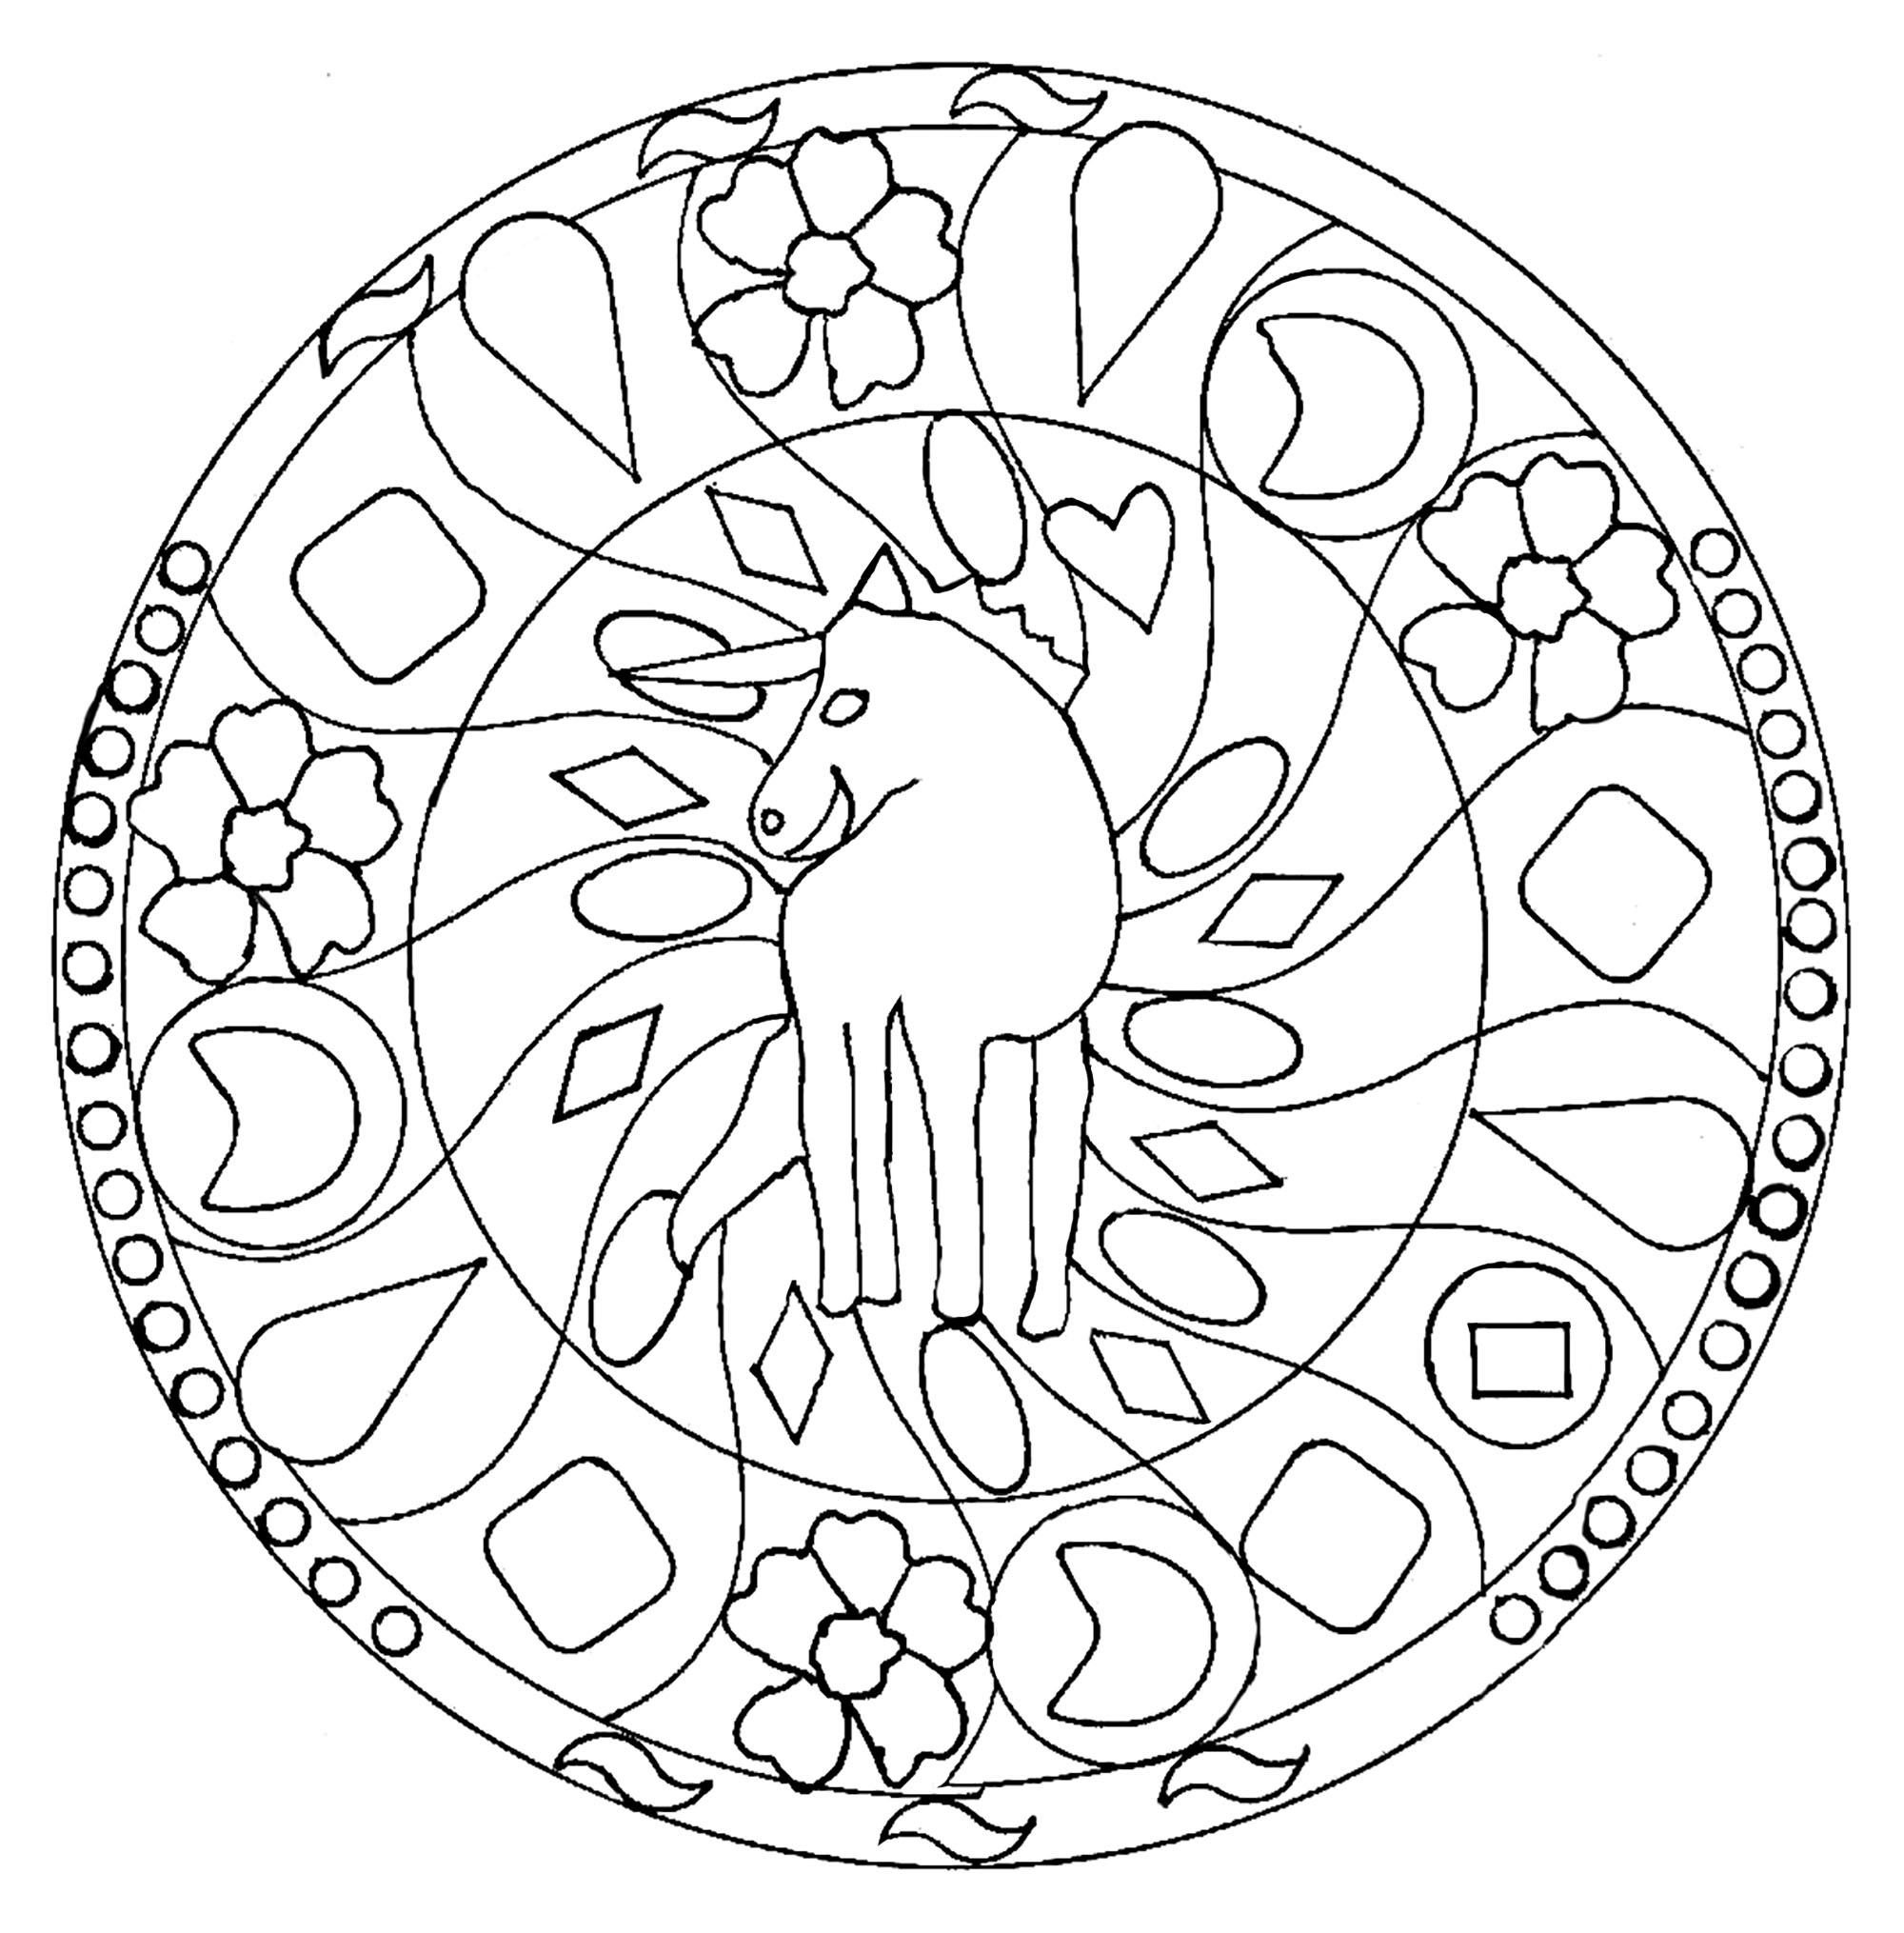 Disegni da colorare per adulti : Mandalas - 165